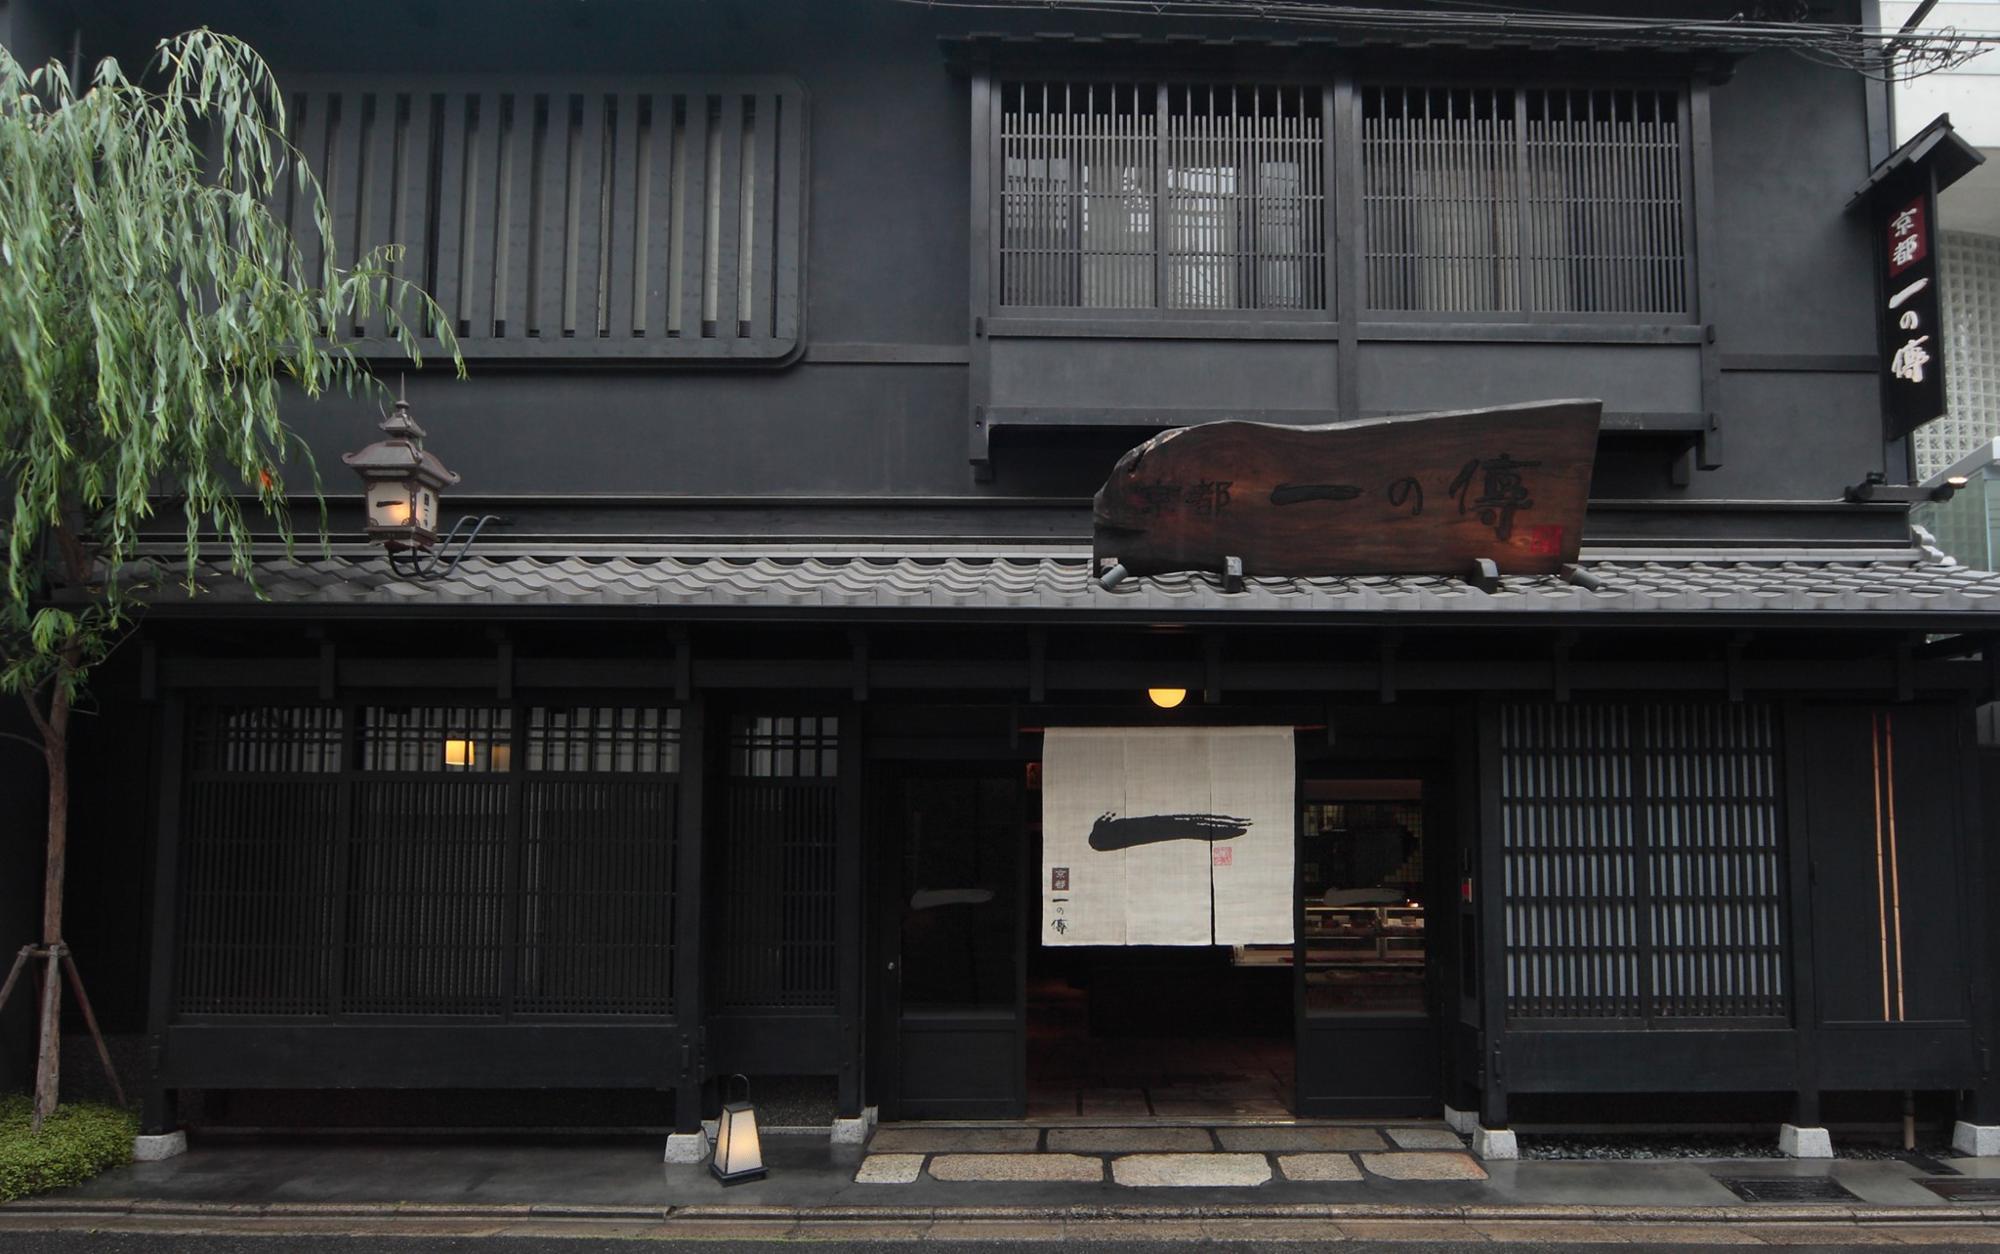 柳馬場錦上ルの京都一の傳本店